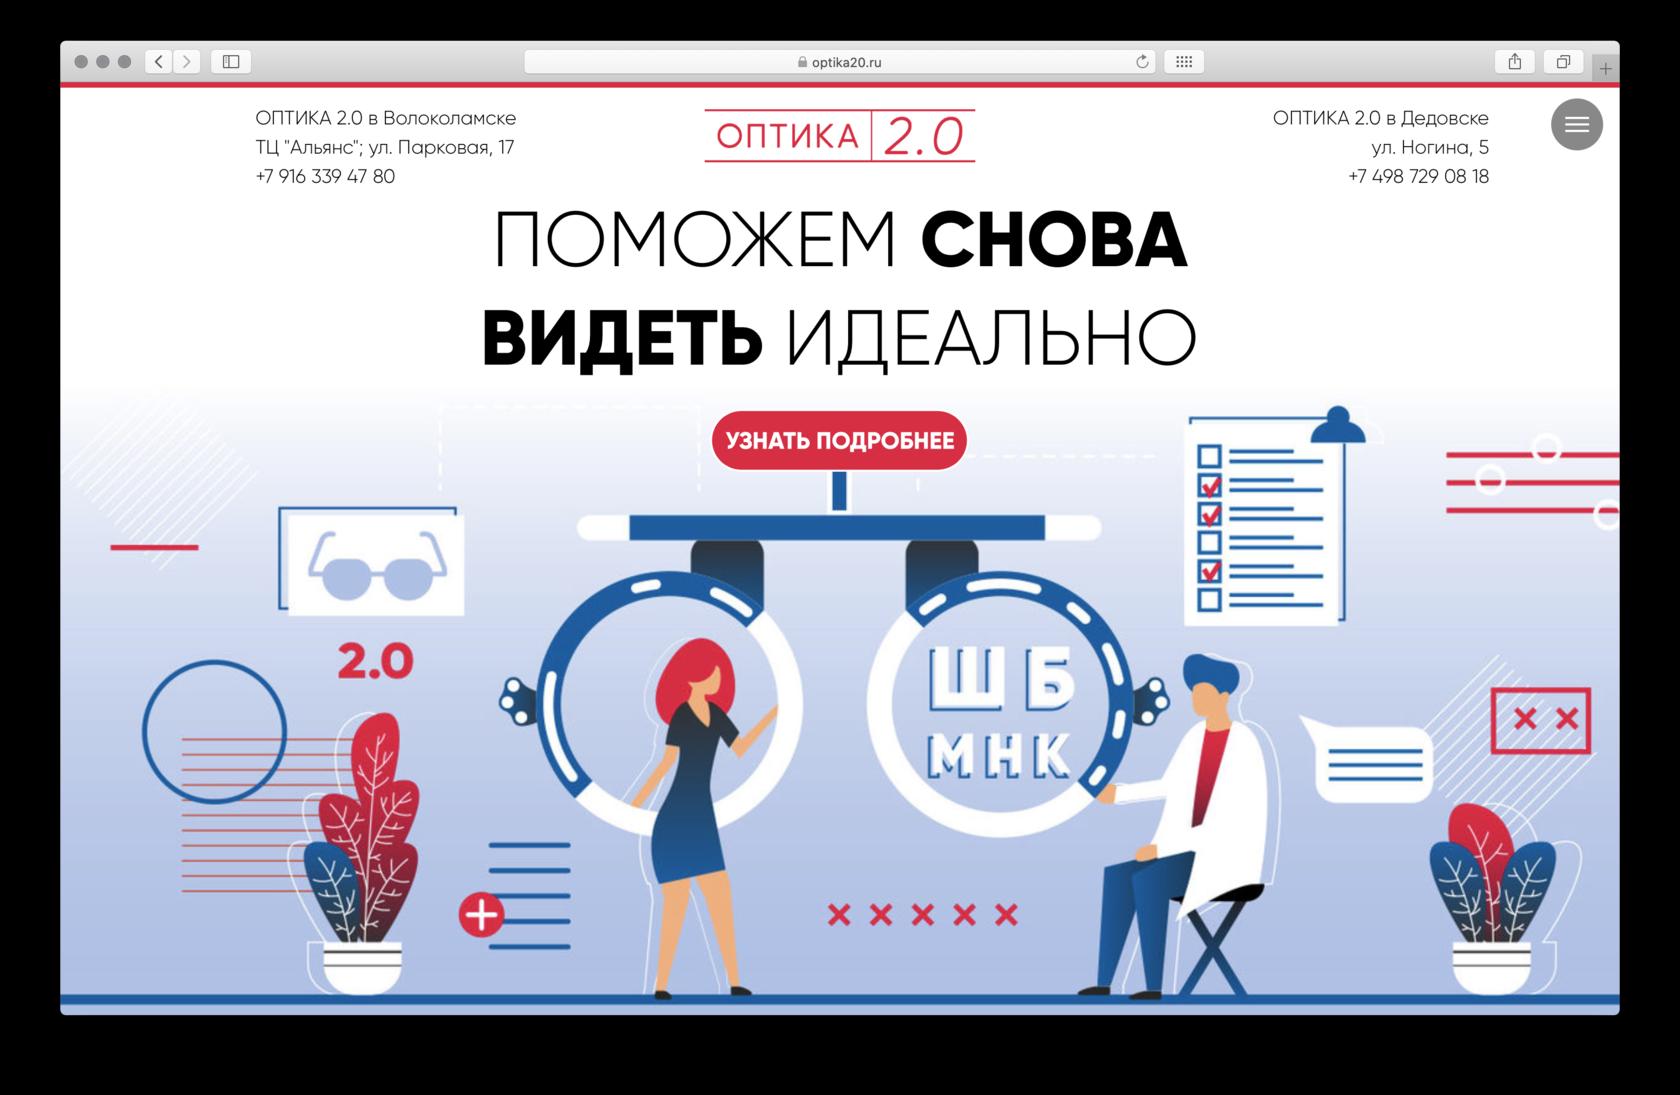 Оптимизация сайта продвижение харьков мебельная компания шатура официальный сайт